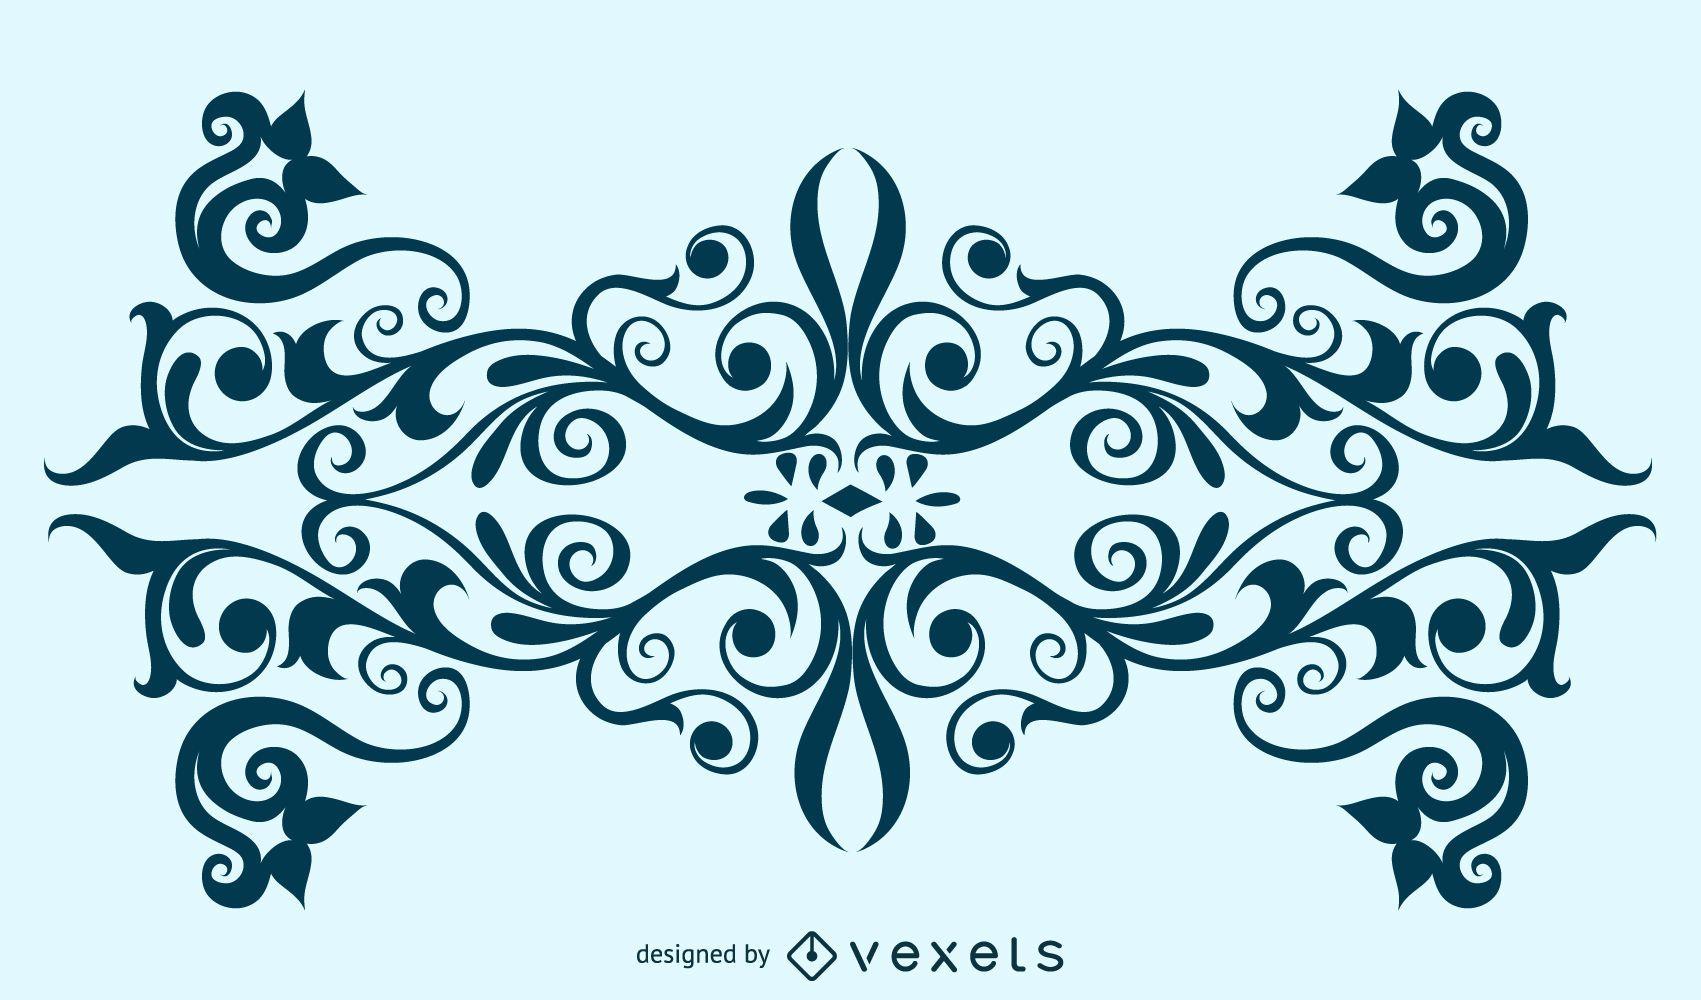 Diseño decorativo de adornos florales Swirly